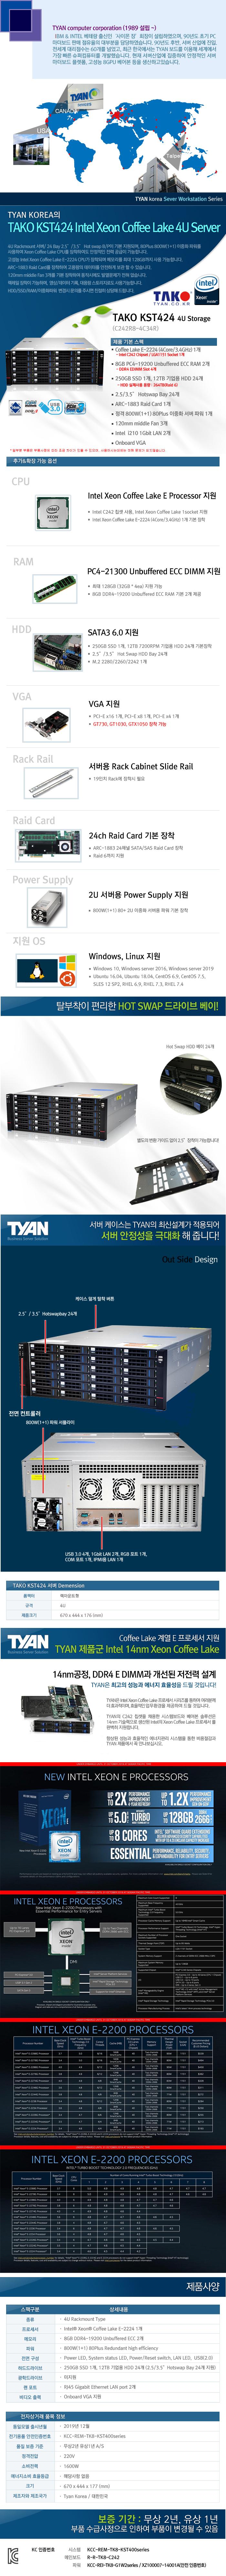 TYAN TAKO-KST424-(C242R8-4C34R) (16GB, SSD 250GB + 264TB)